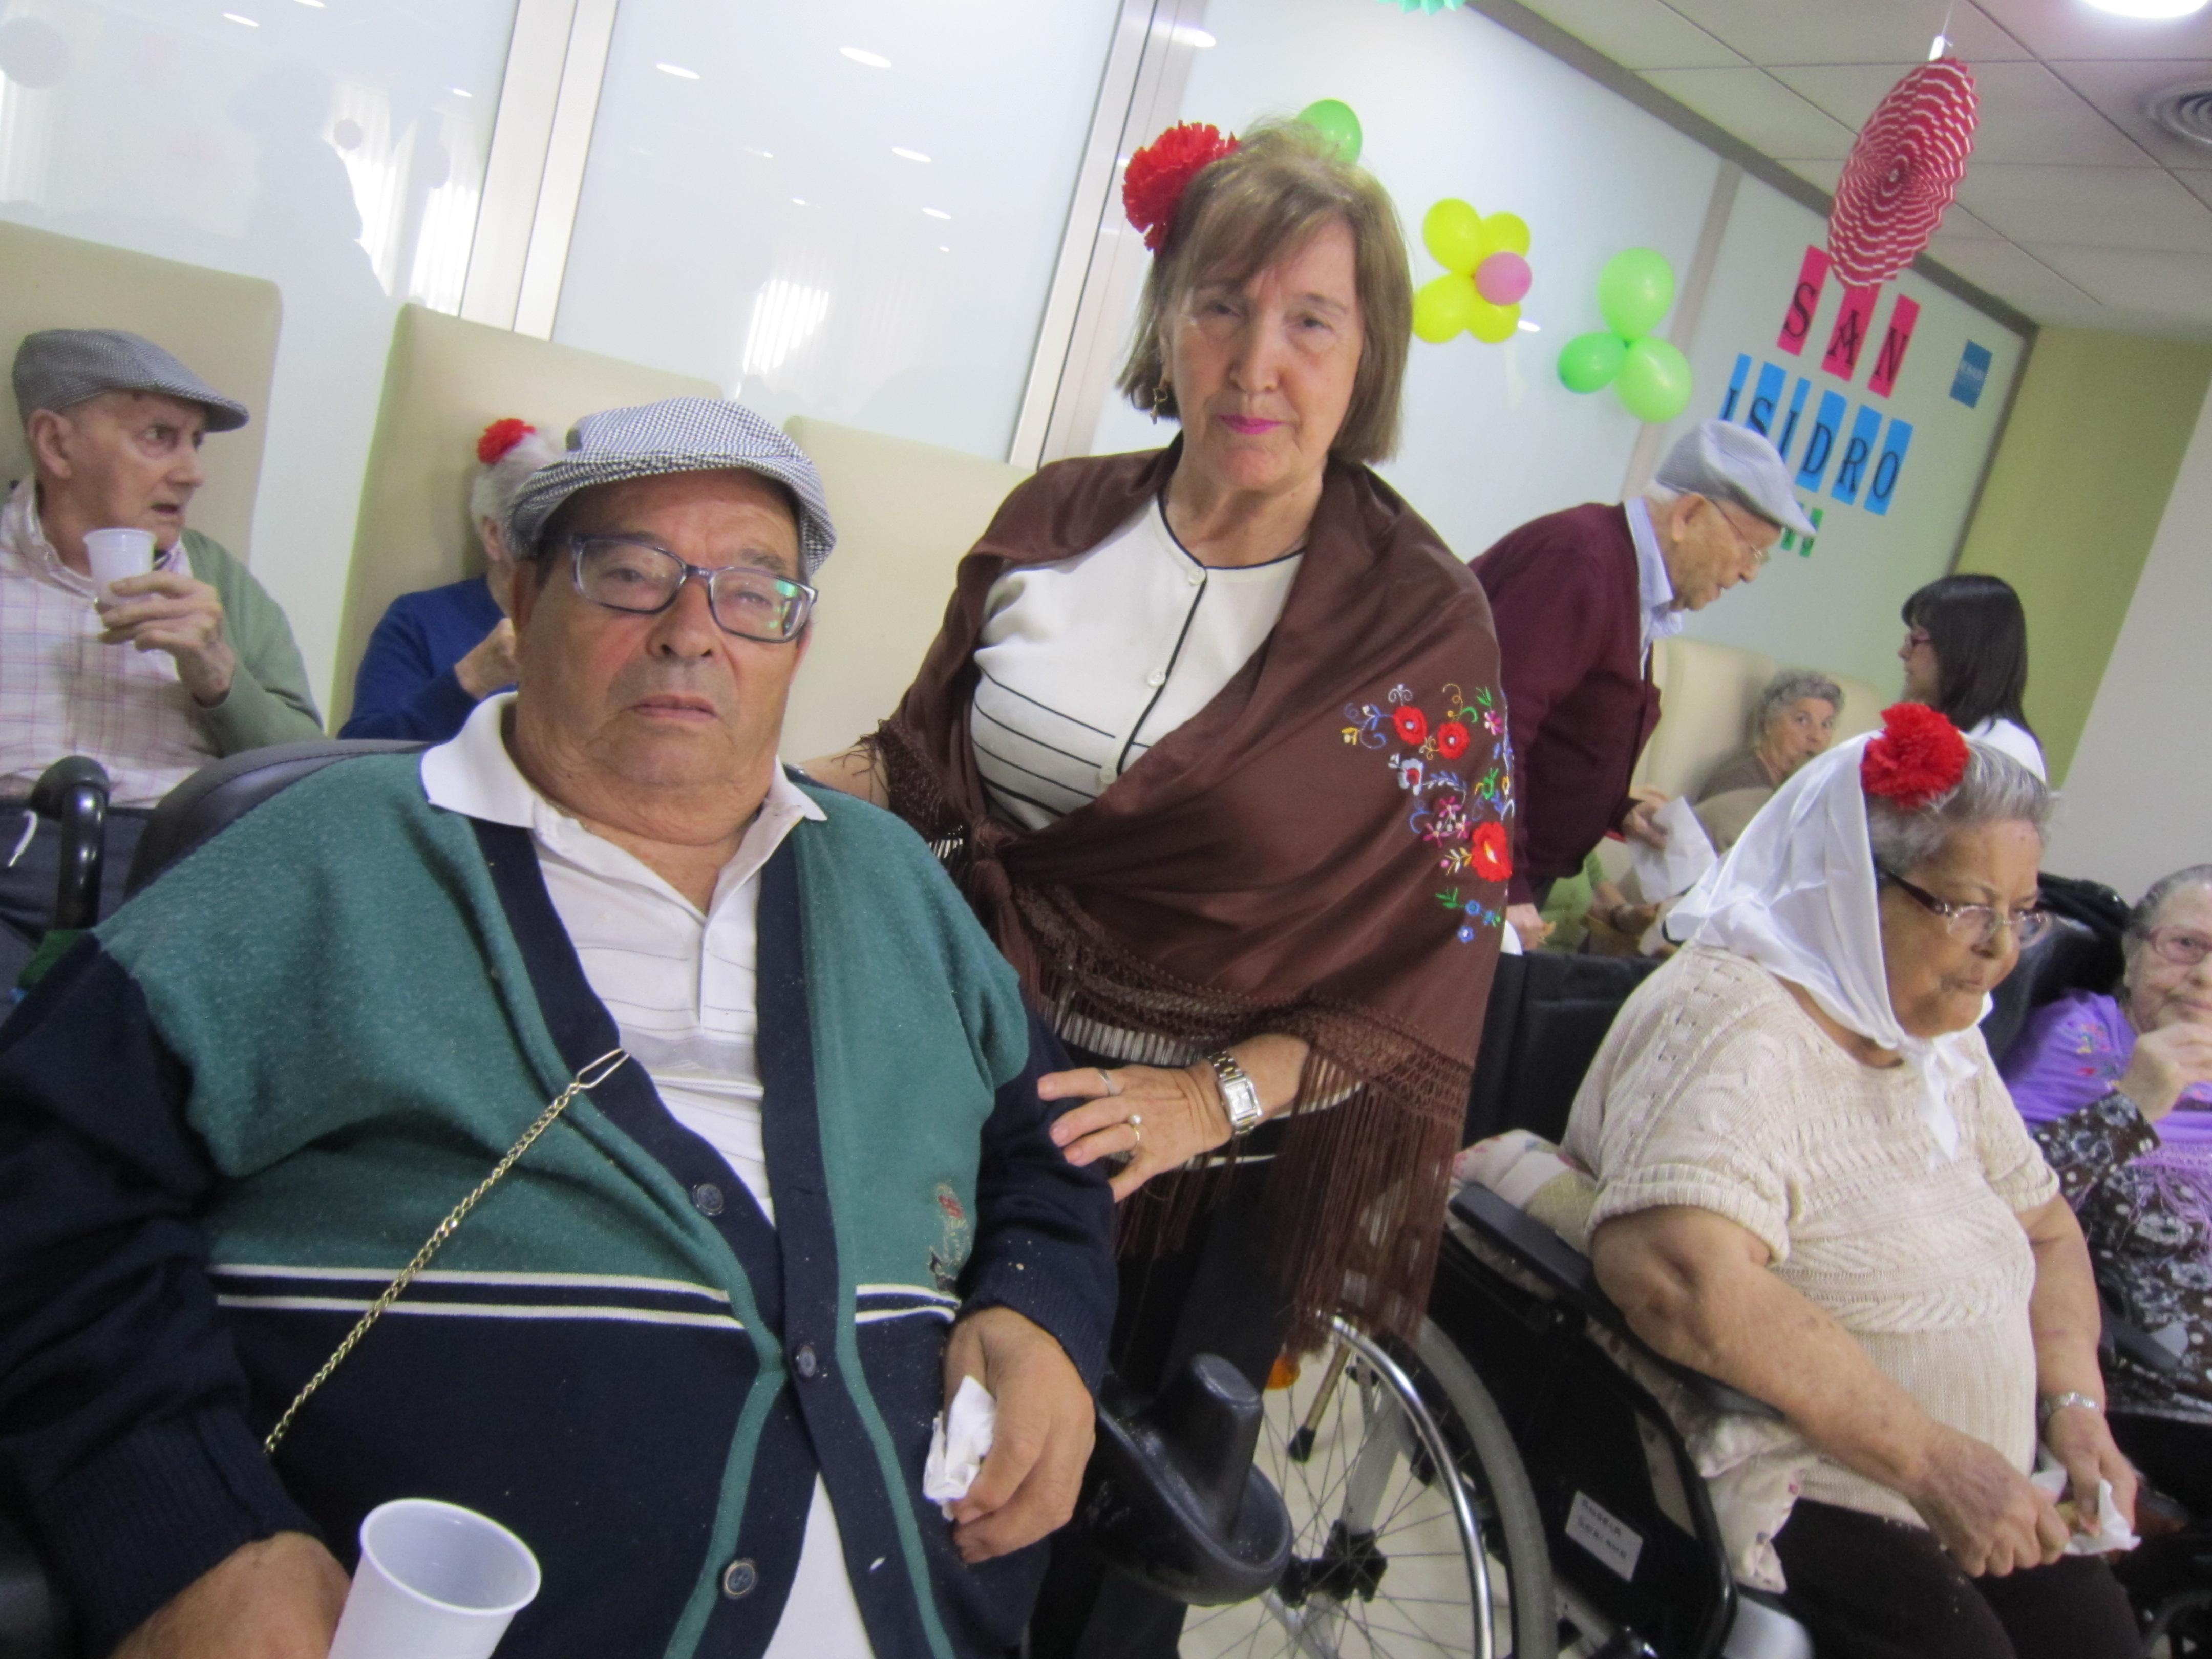 Las Fiestas de San Isidro llegan al Centro Rosalba en Sevilla la Nueva